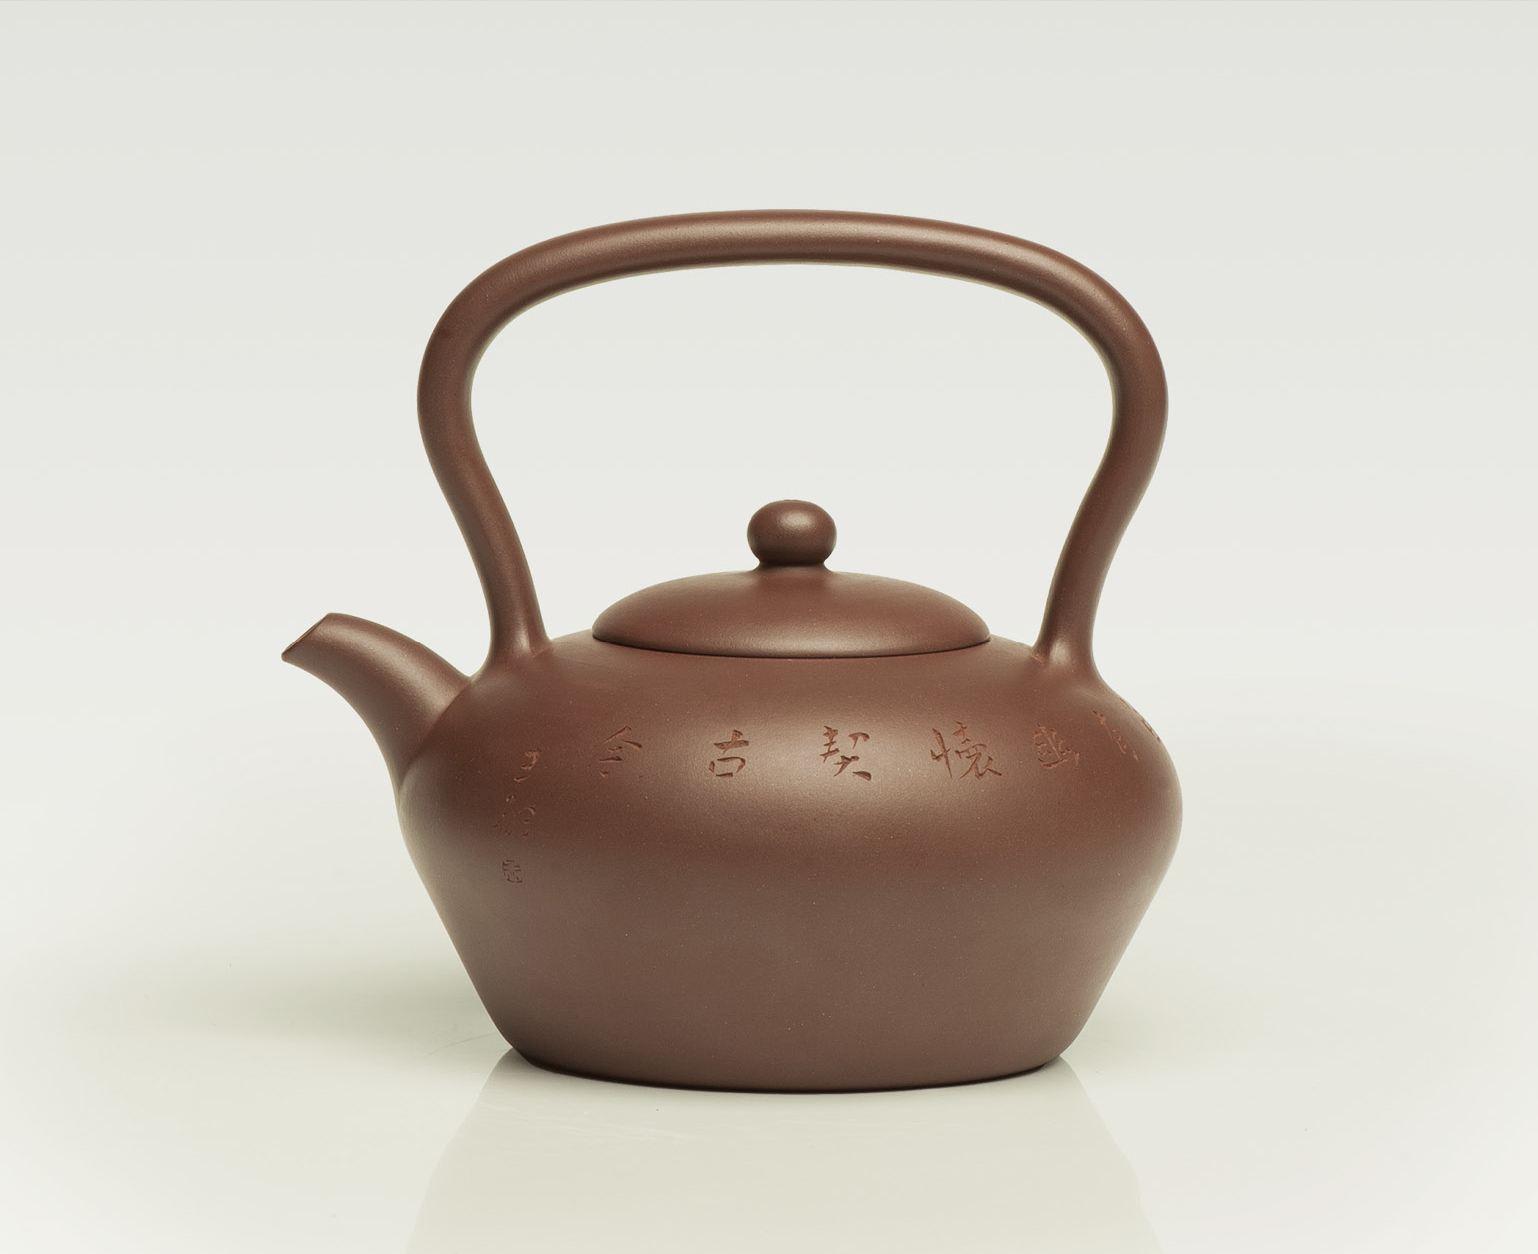 陈腐过的紫砂壶做的壶更润